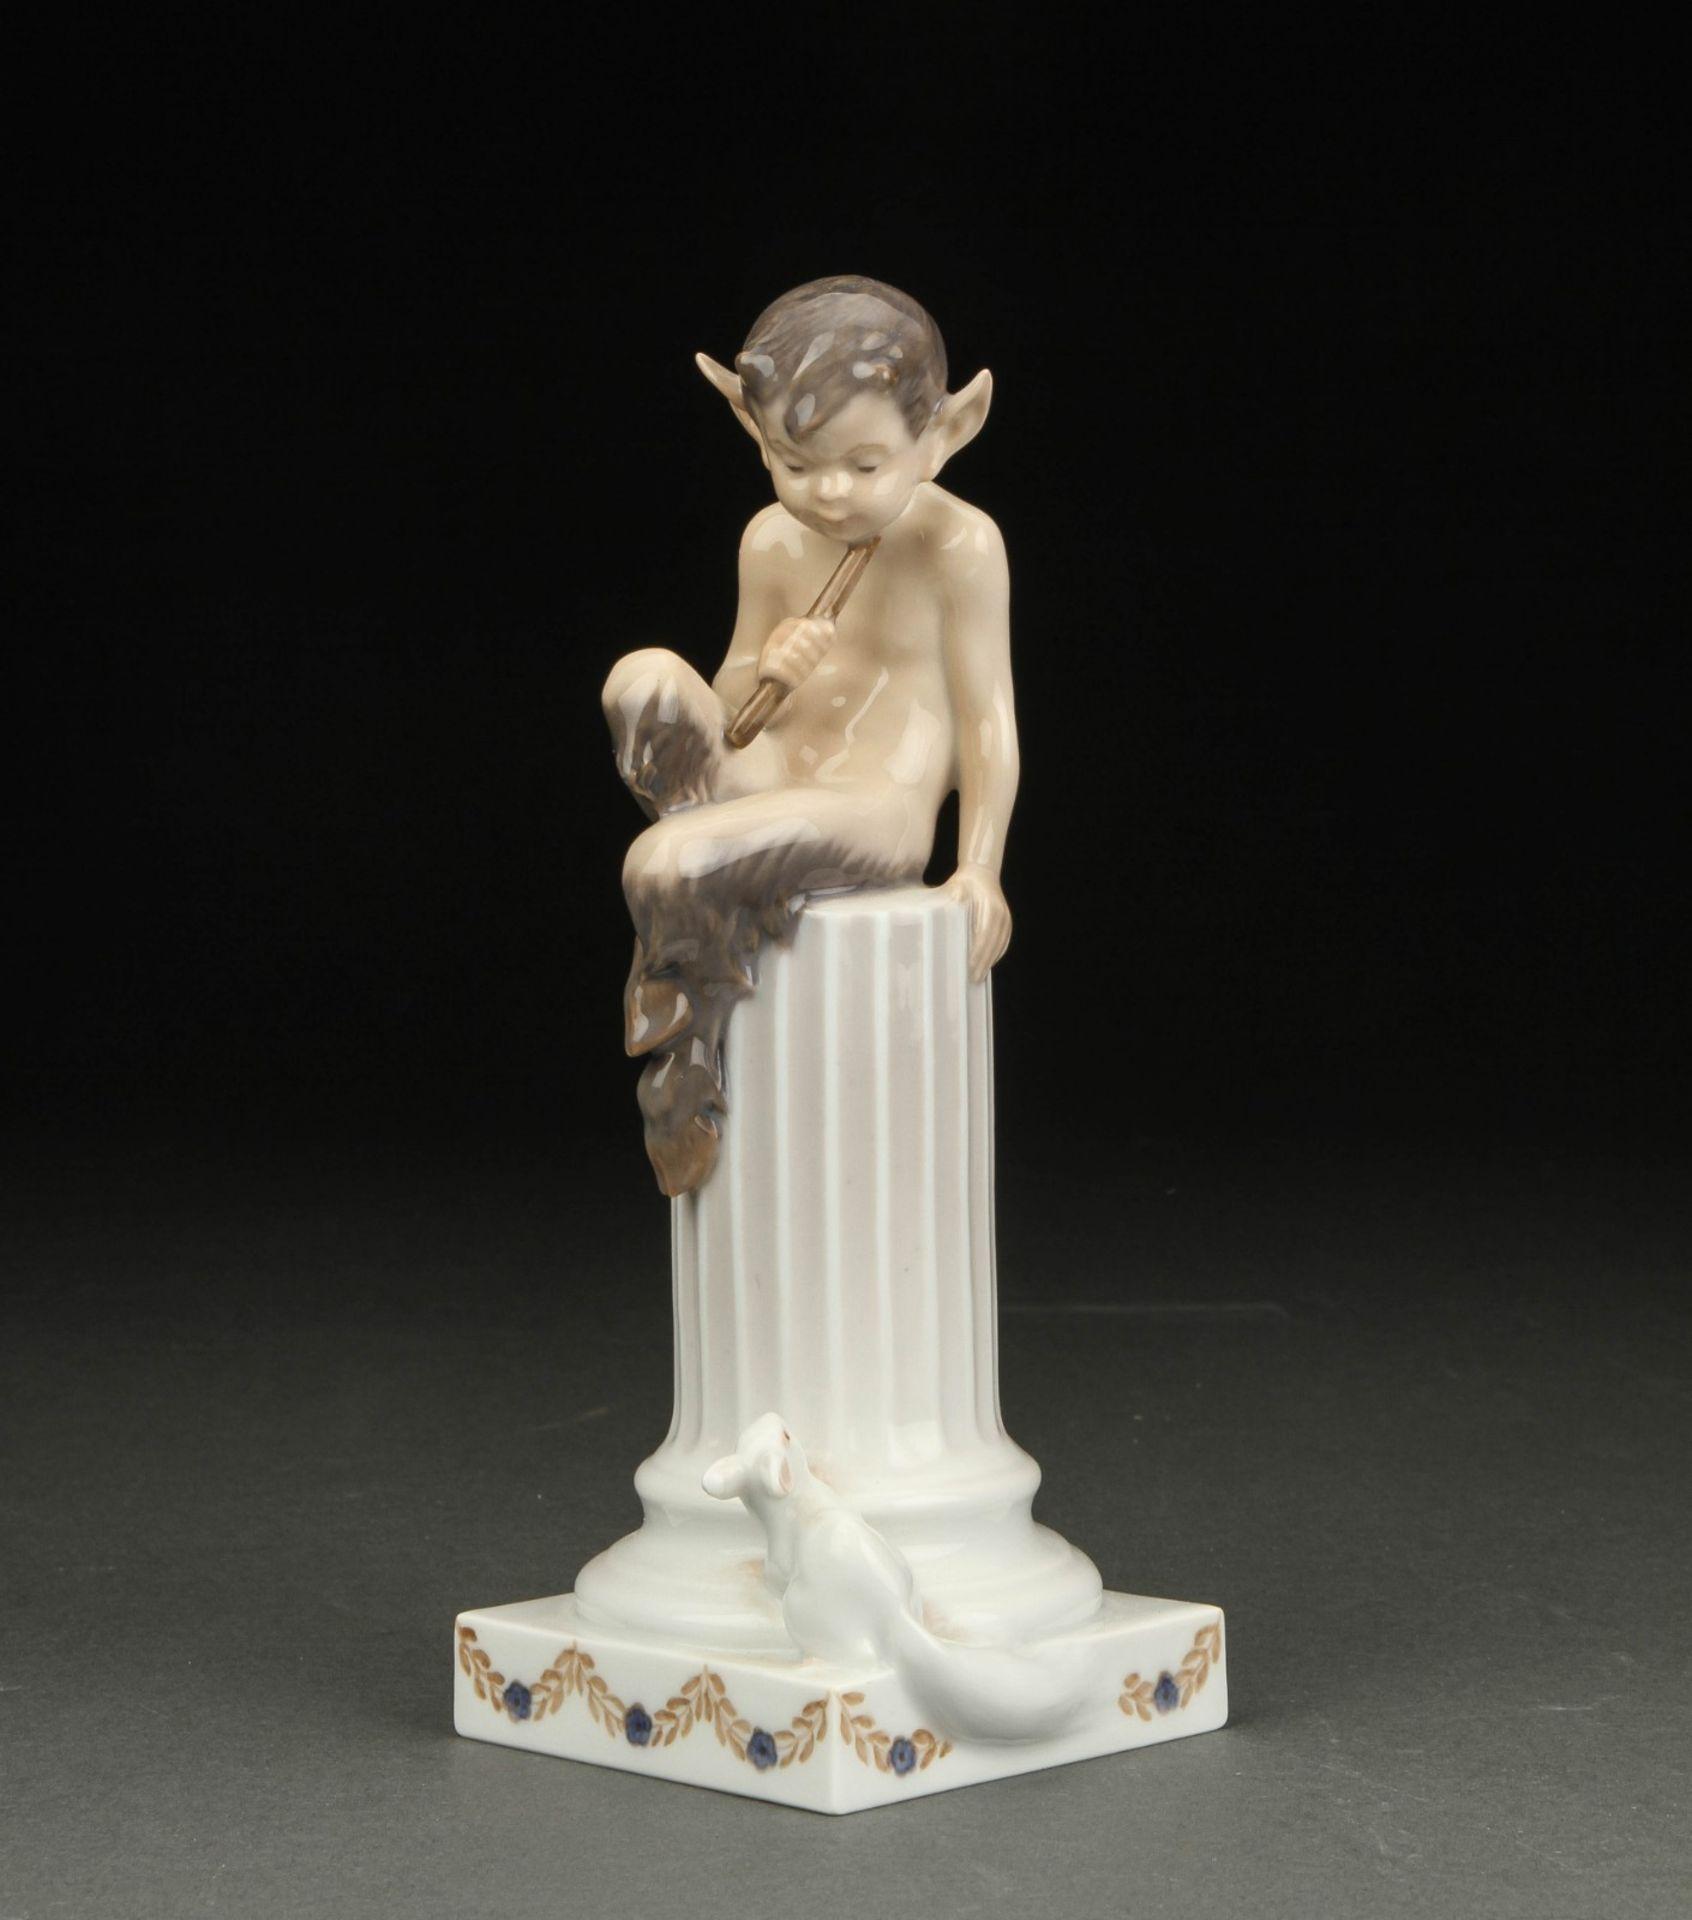 Royal Copenhagen. Faun auf Säule mit Eichhörnchen. Modell 456. Entwurf Christian Thomsen. Erste